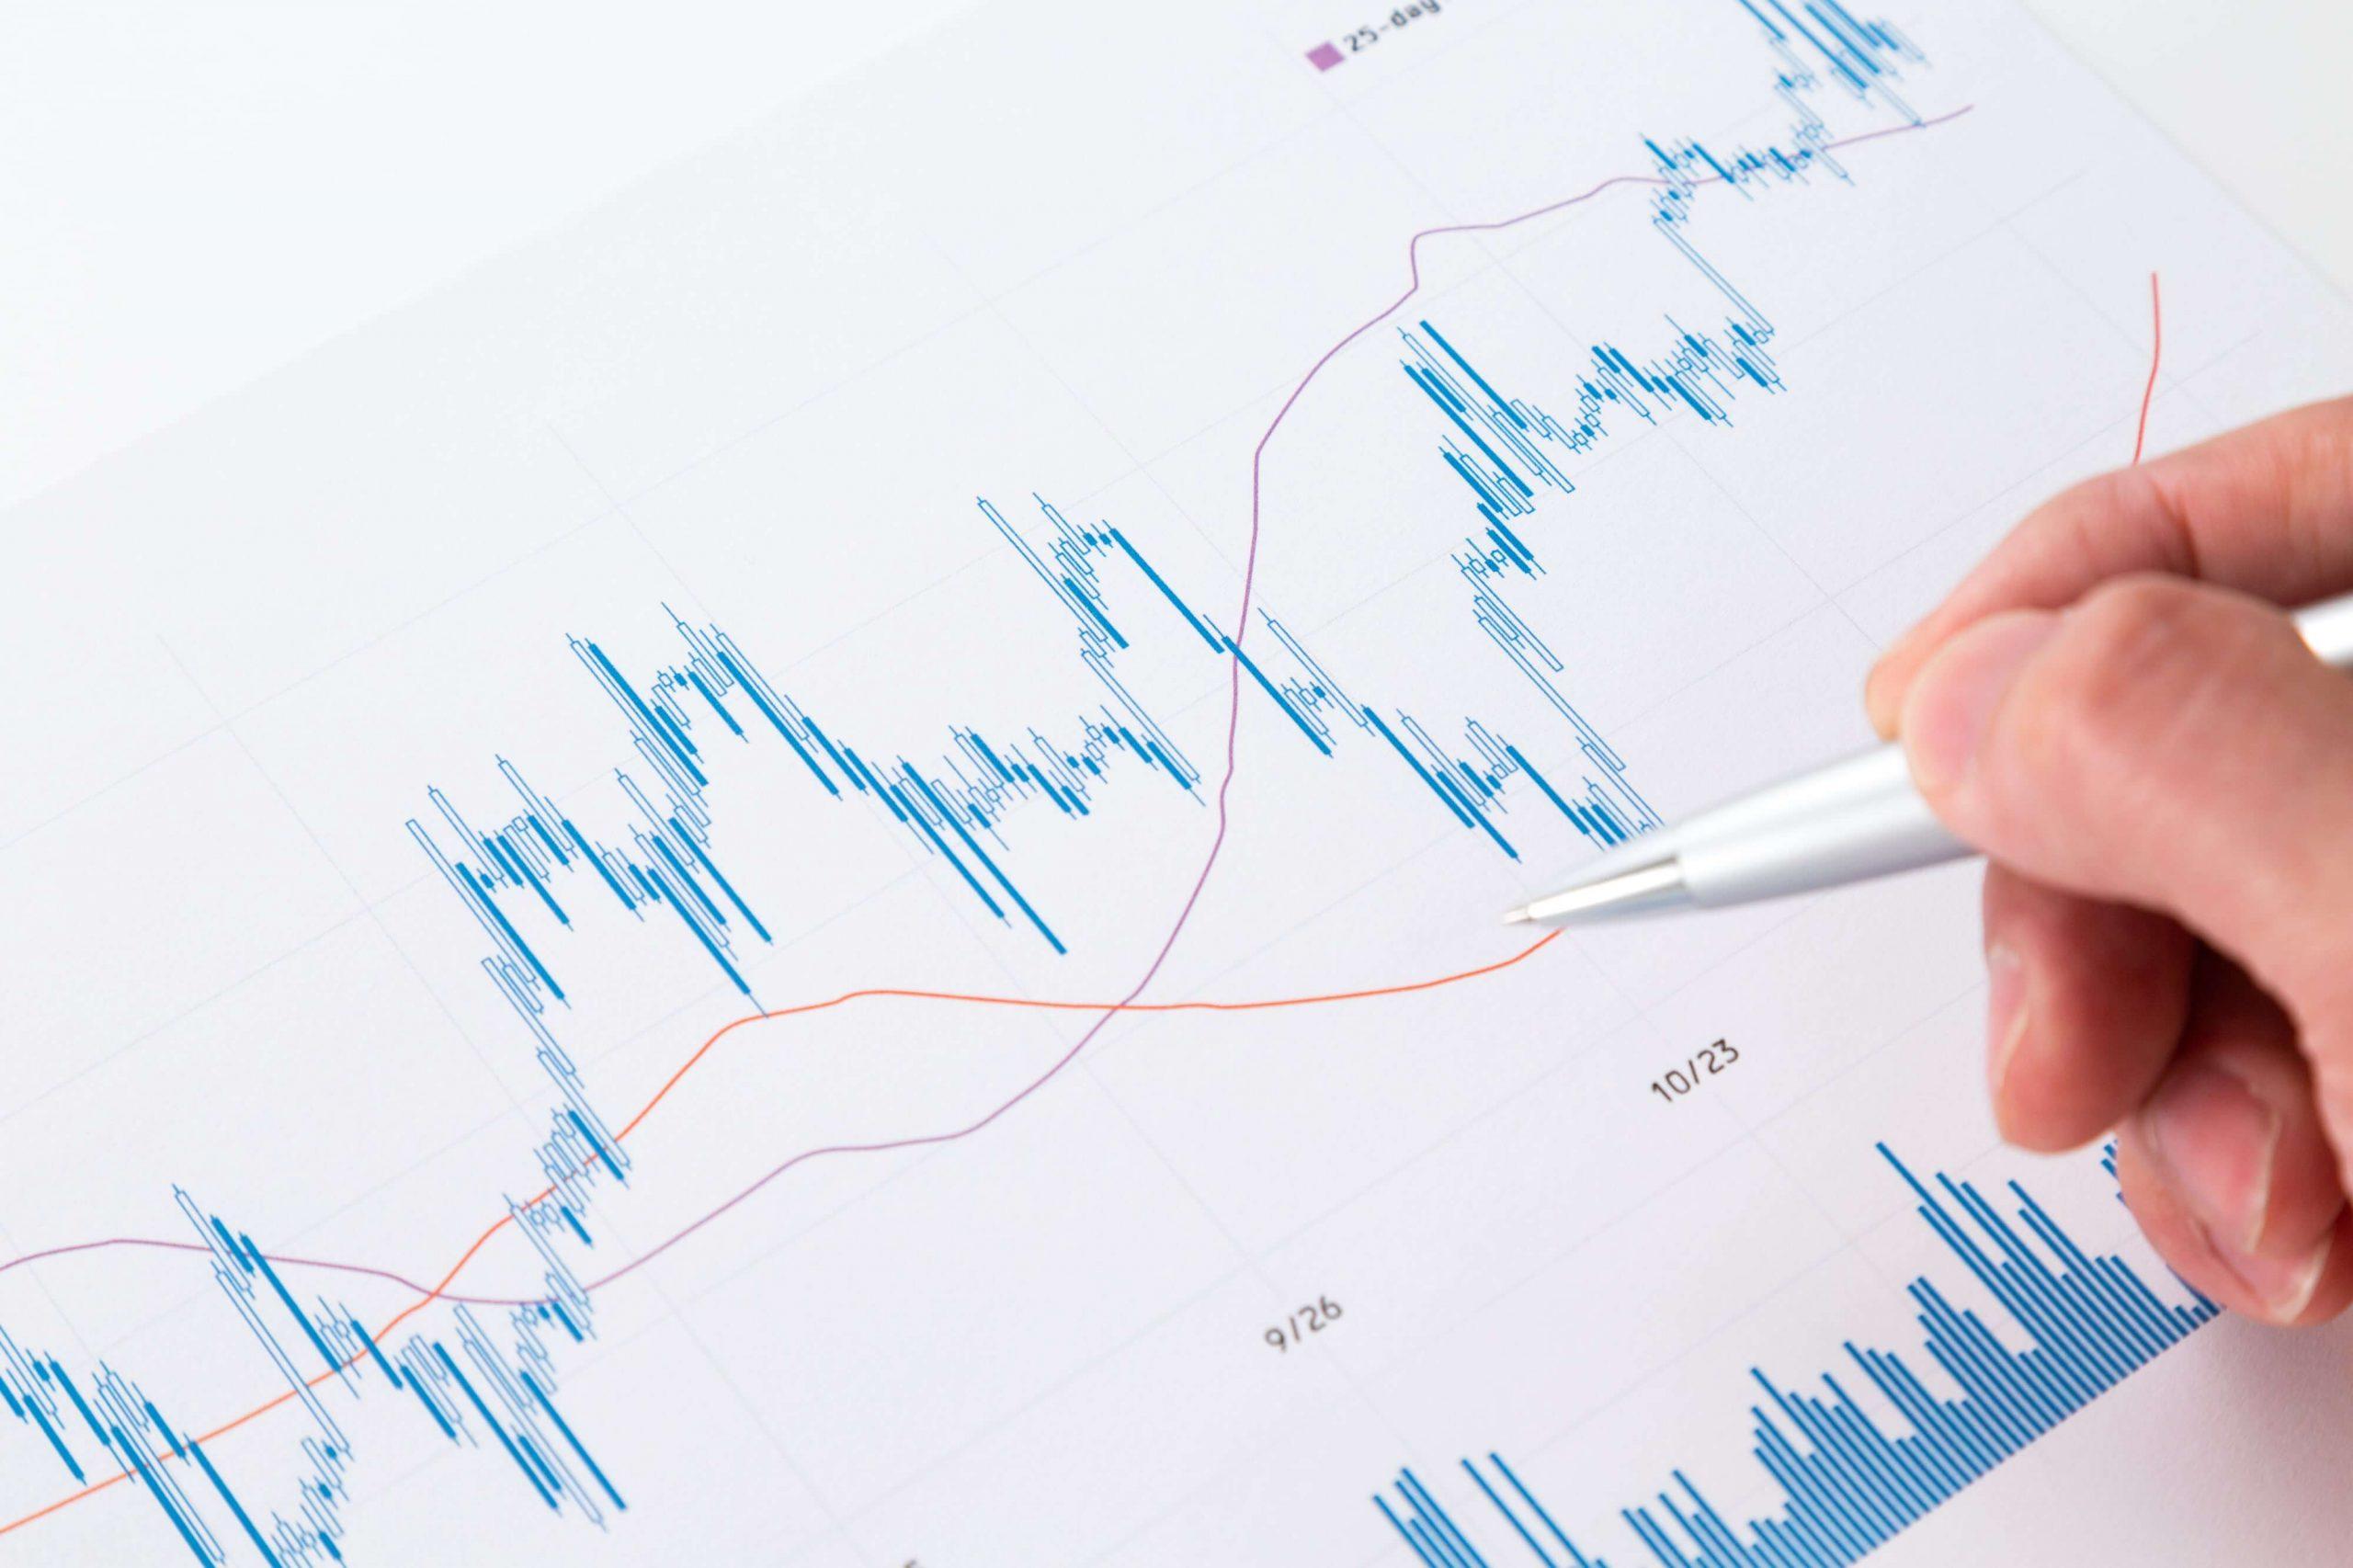 日米の株価推移の違いとは